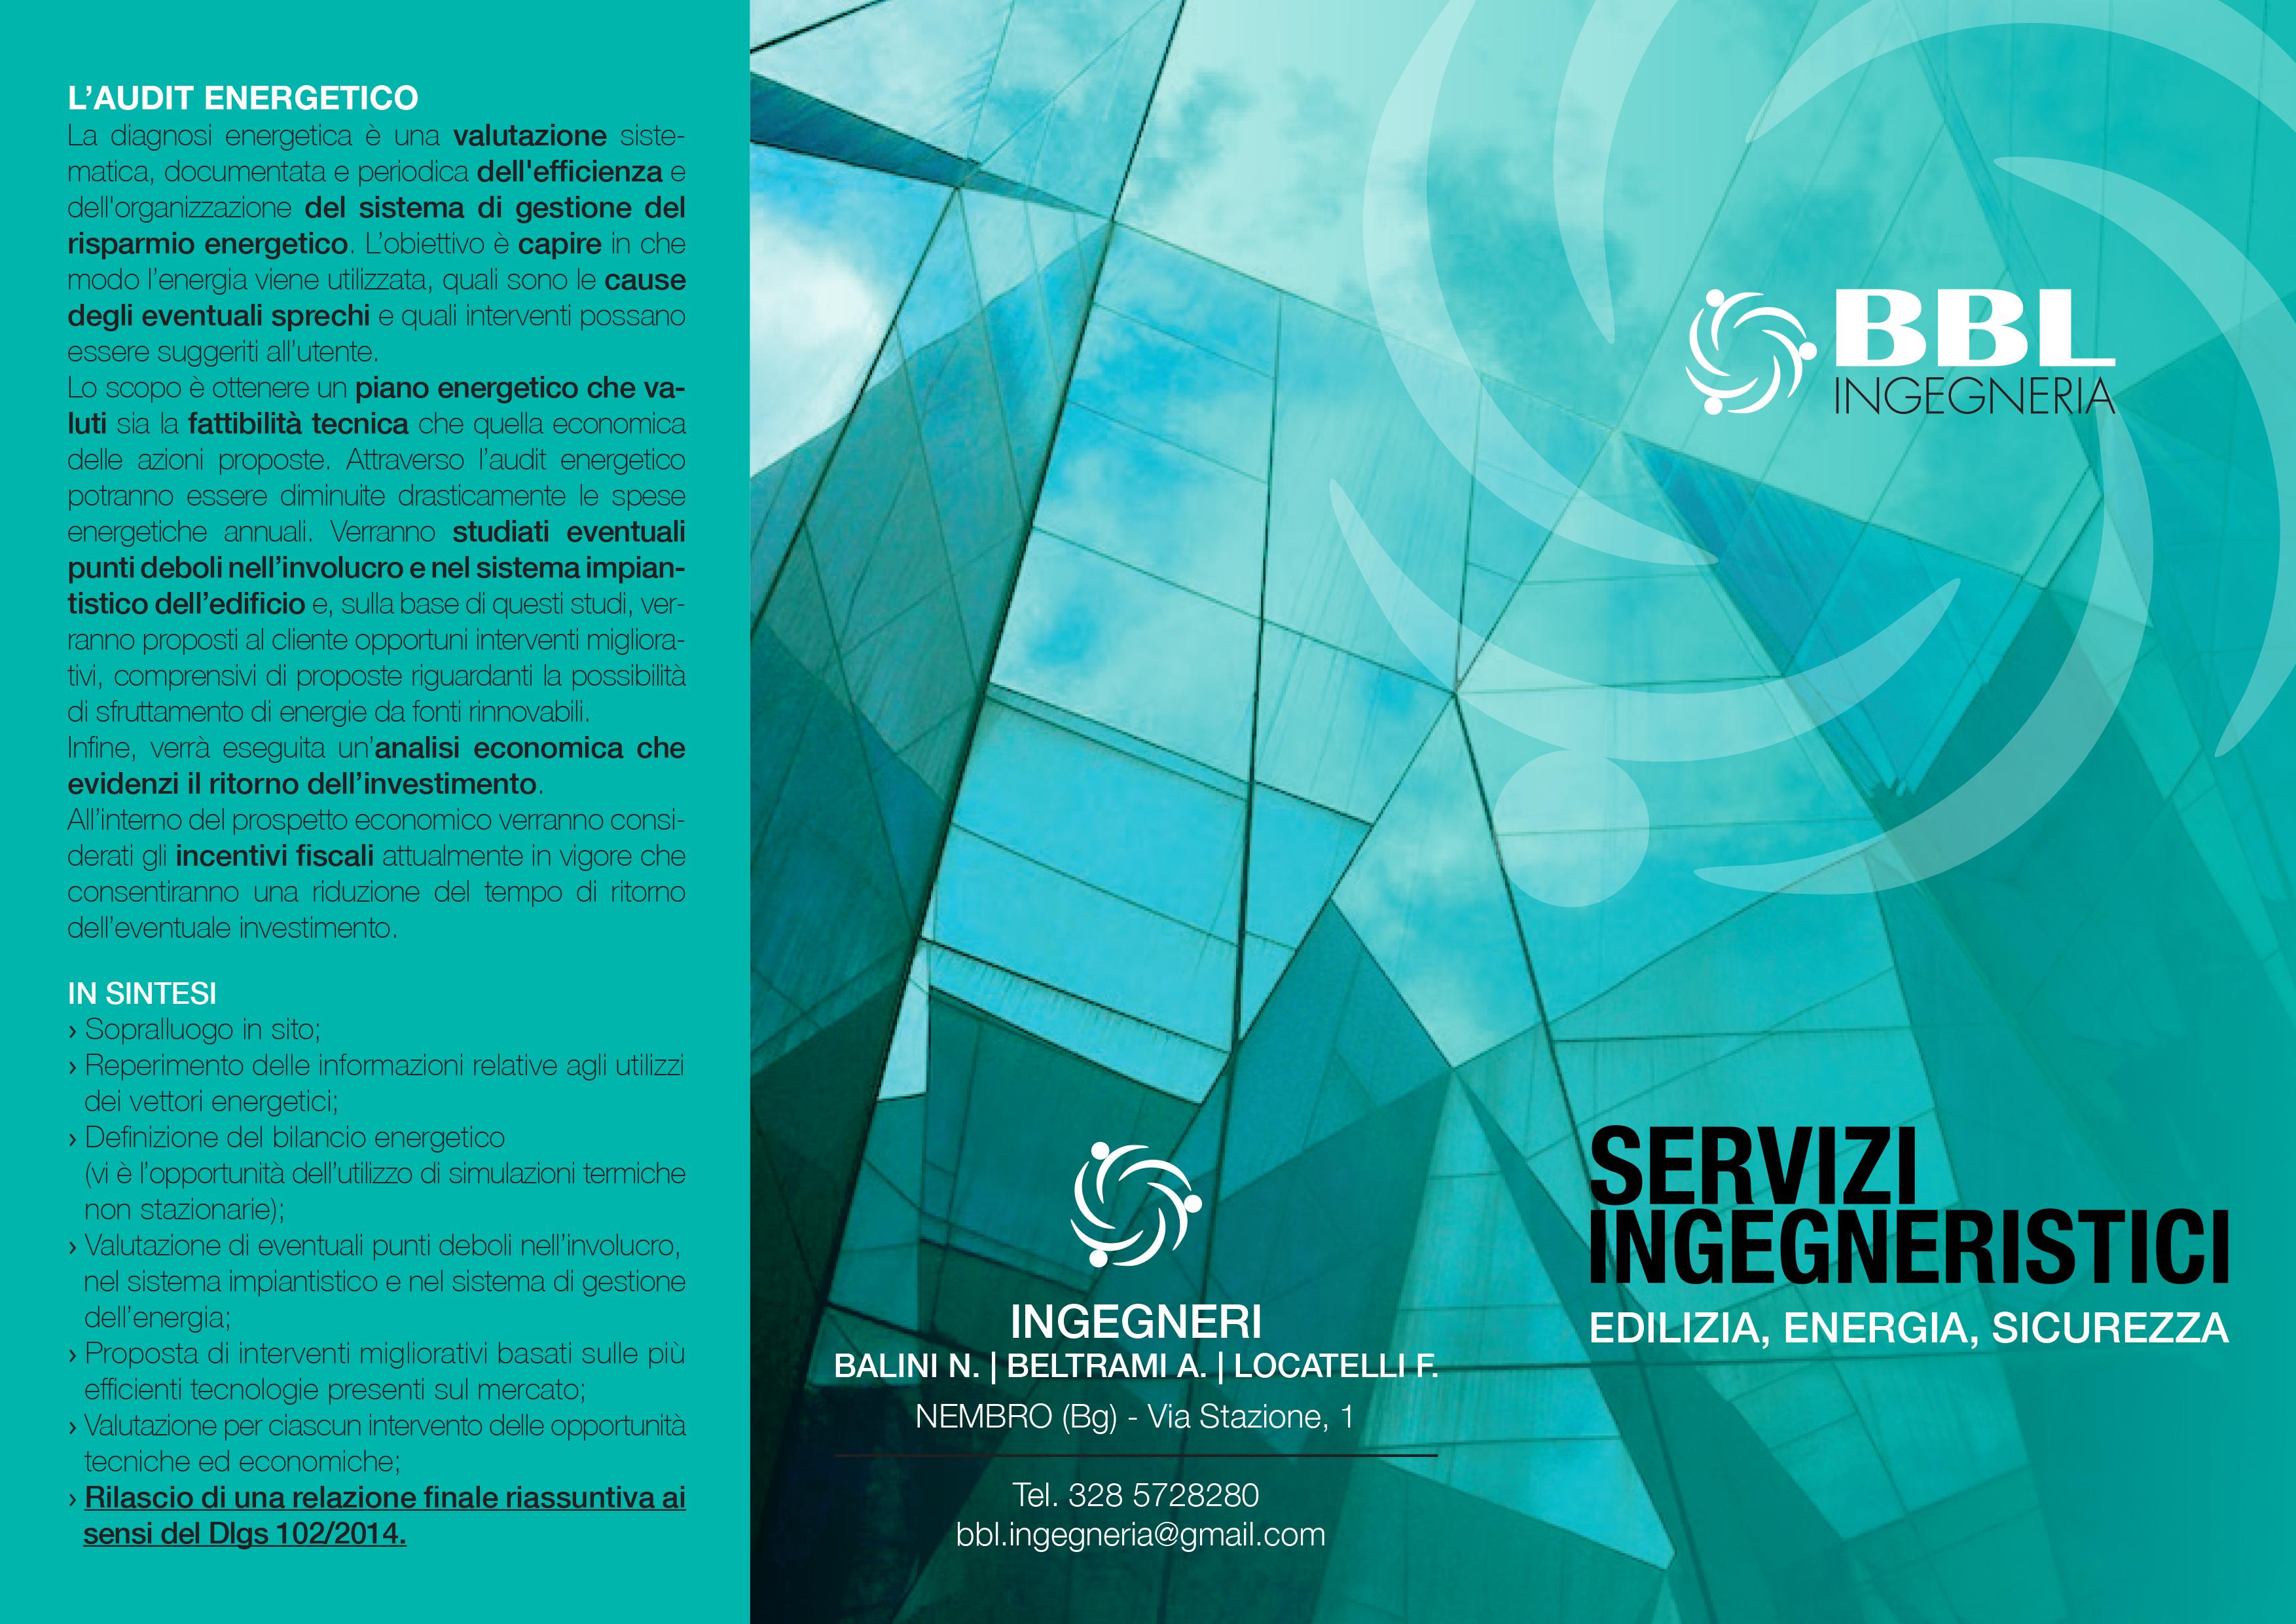 http://www.bn-ingegneria.it/wp-content/uploads/2016/02/pieghevole_BBL_Balini-1.jpg